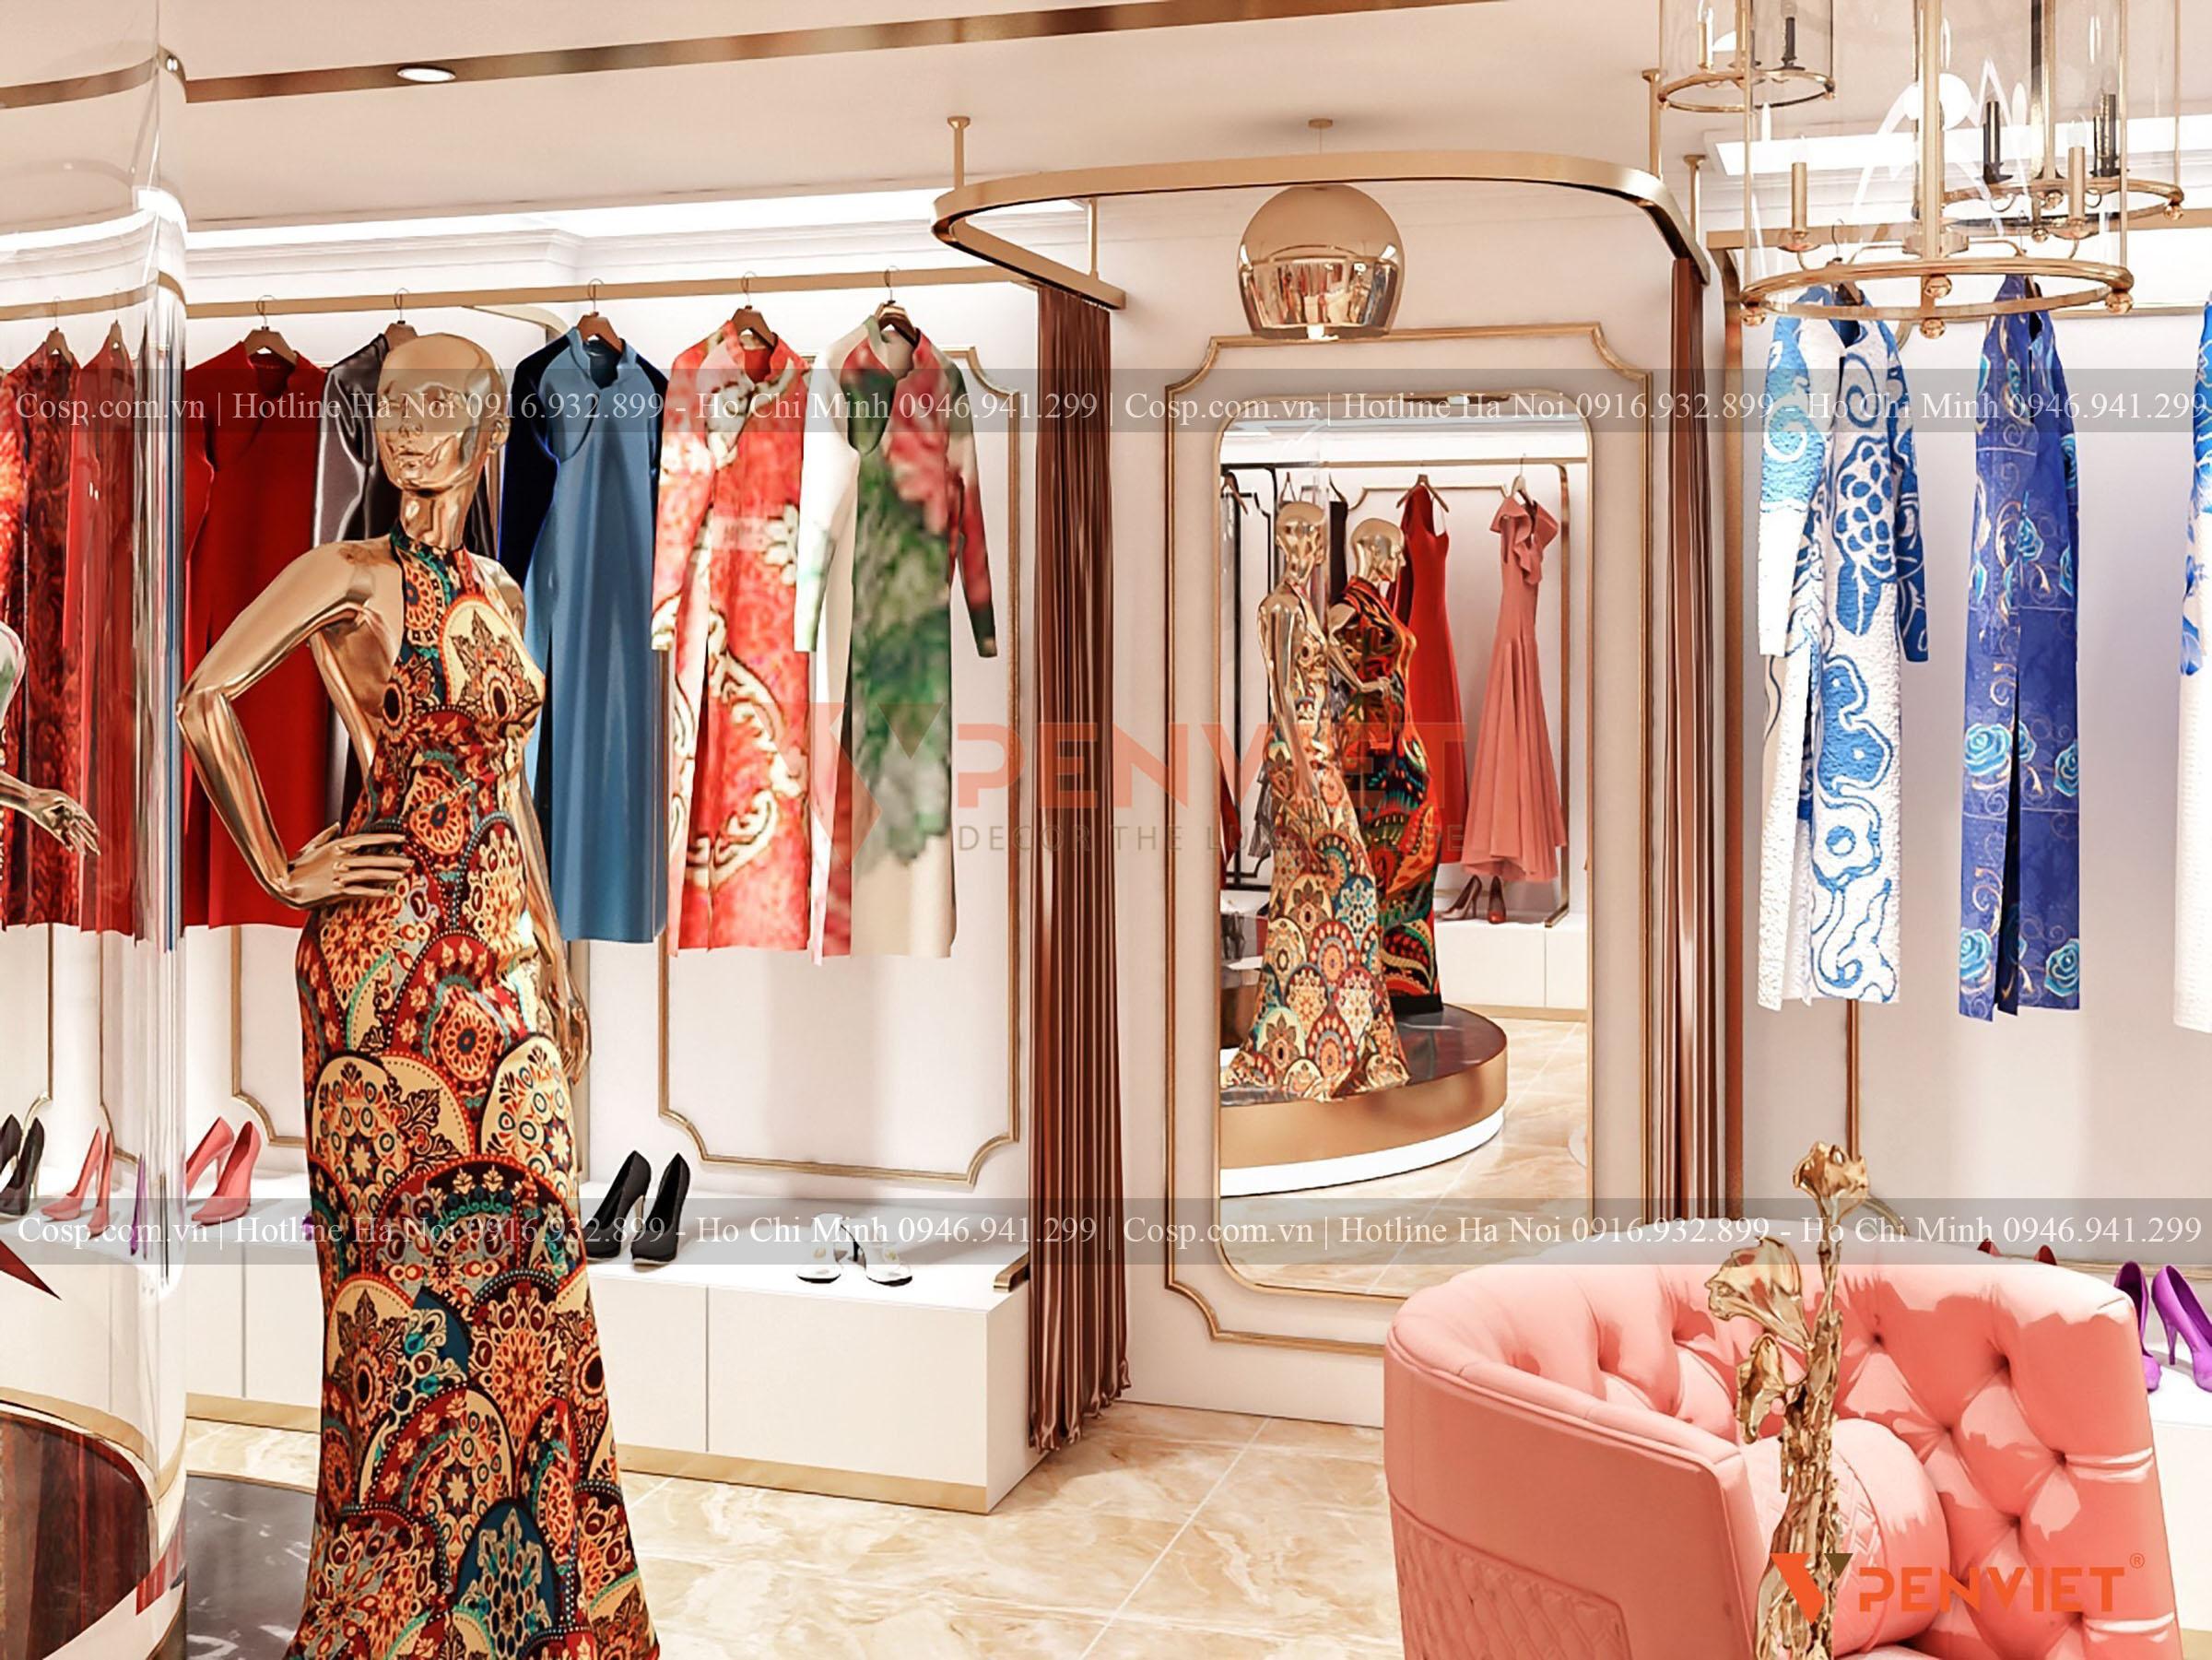 Thiết kế phòng thử đồ tại tầng 2 của cửa hàng thời trang Hương Queen